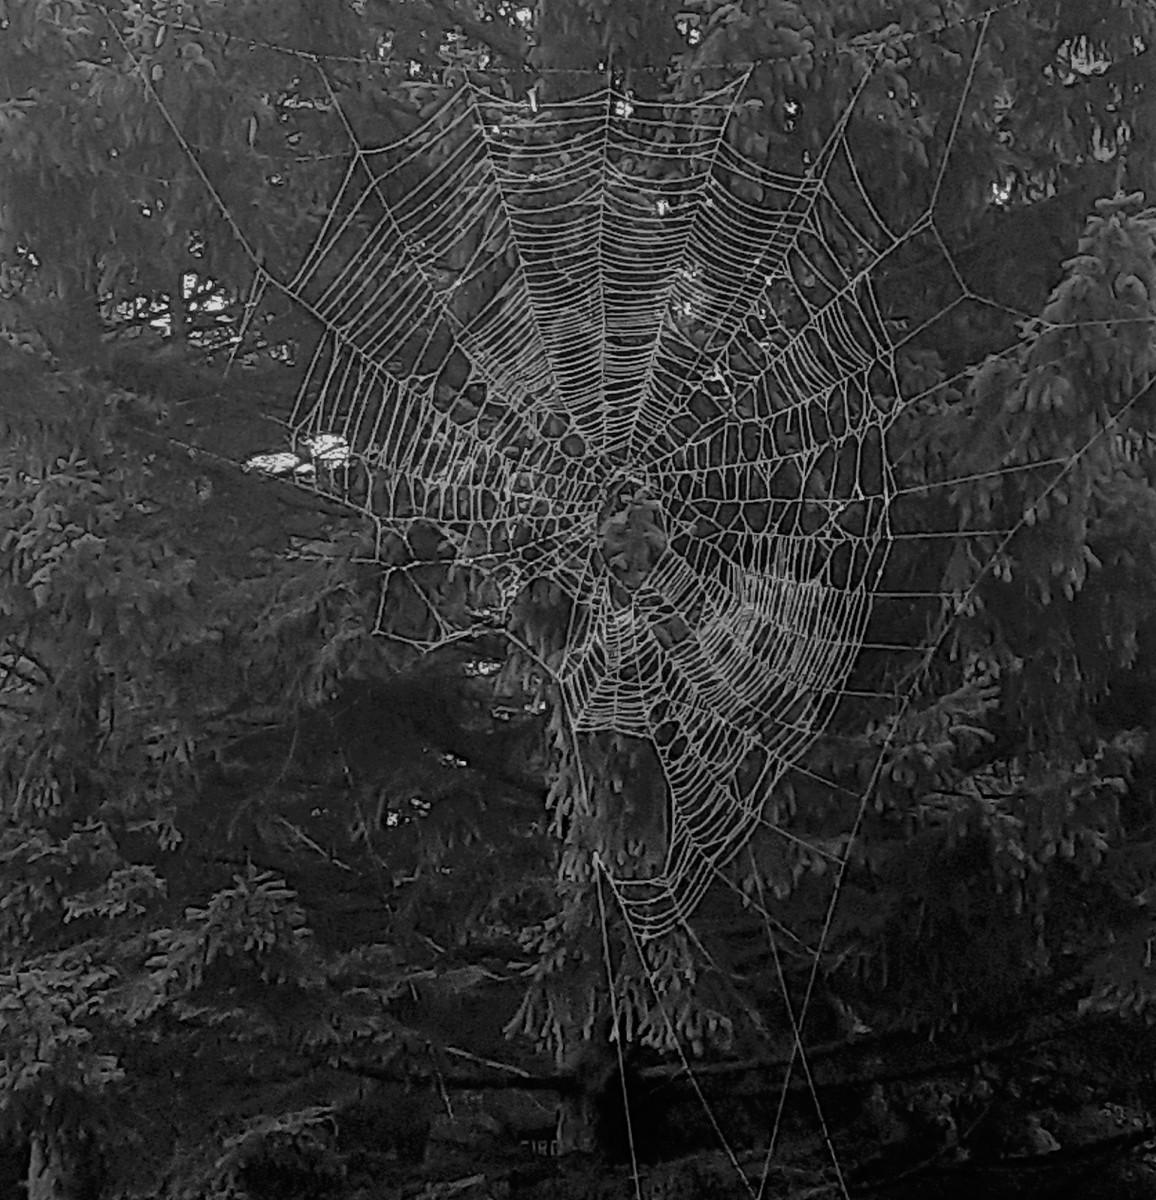 Spiderwebs and Cobwebs